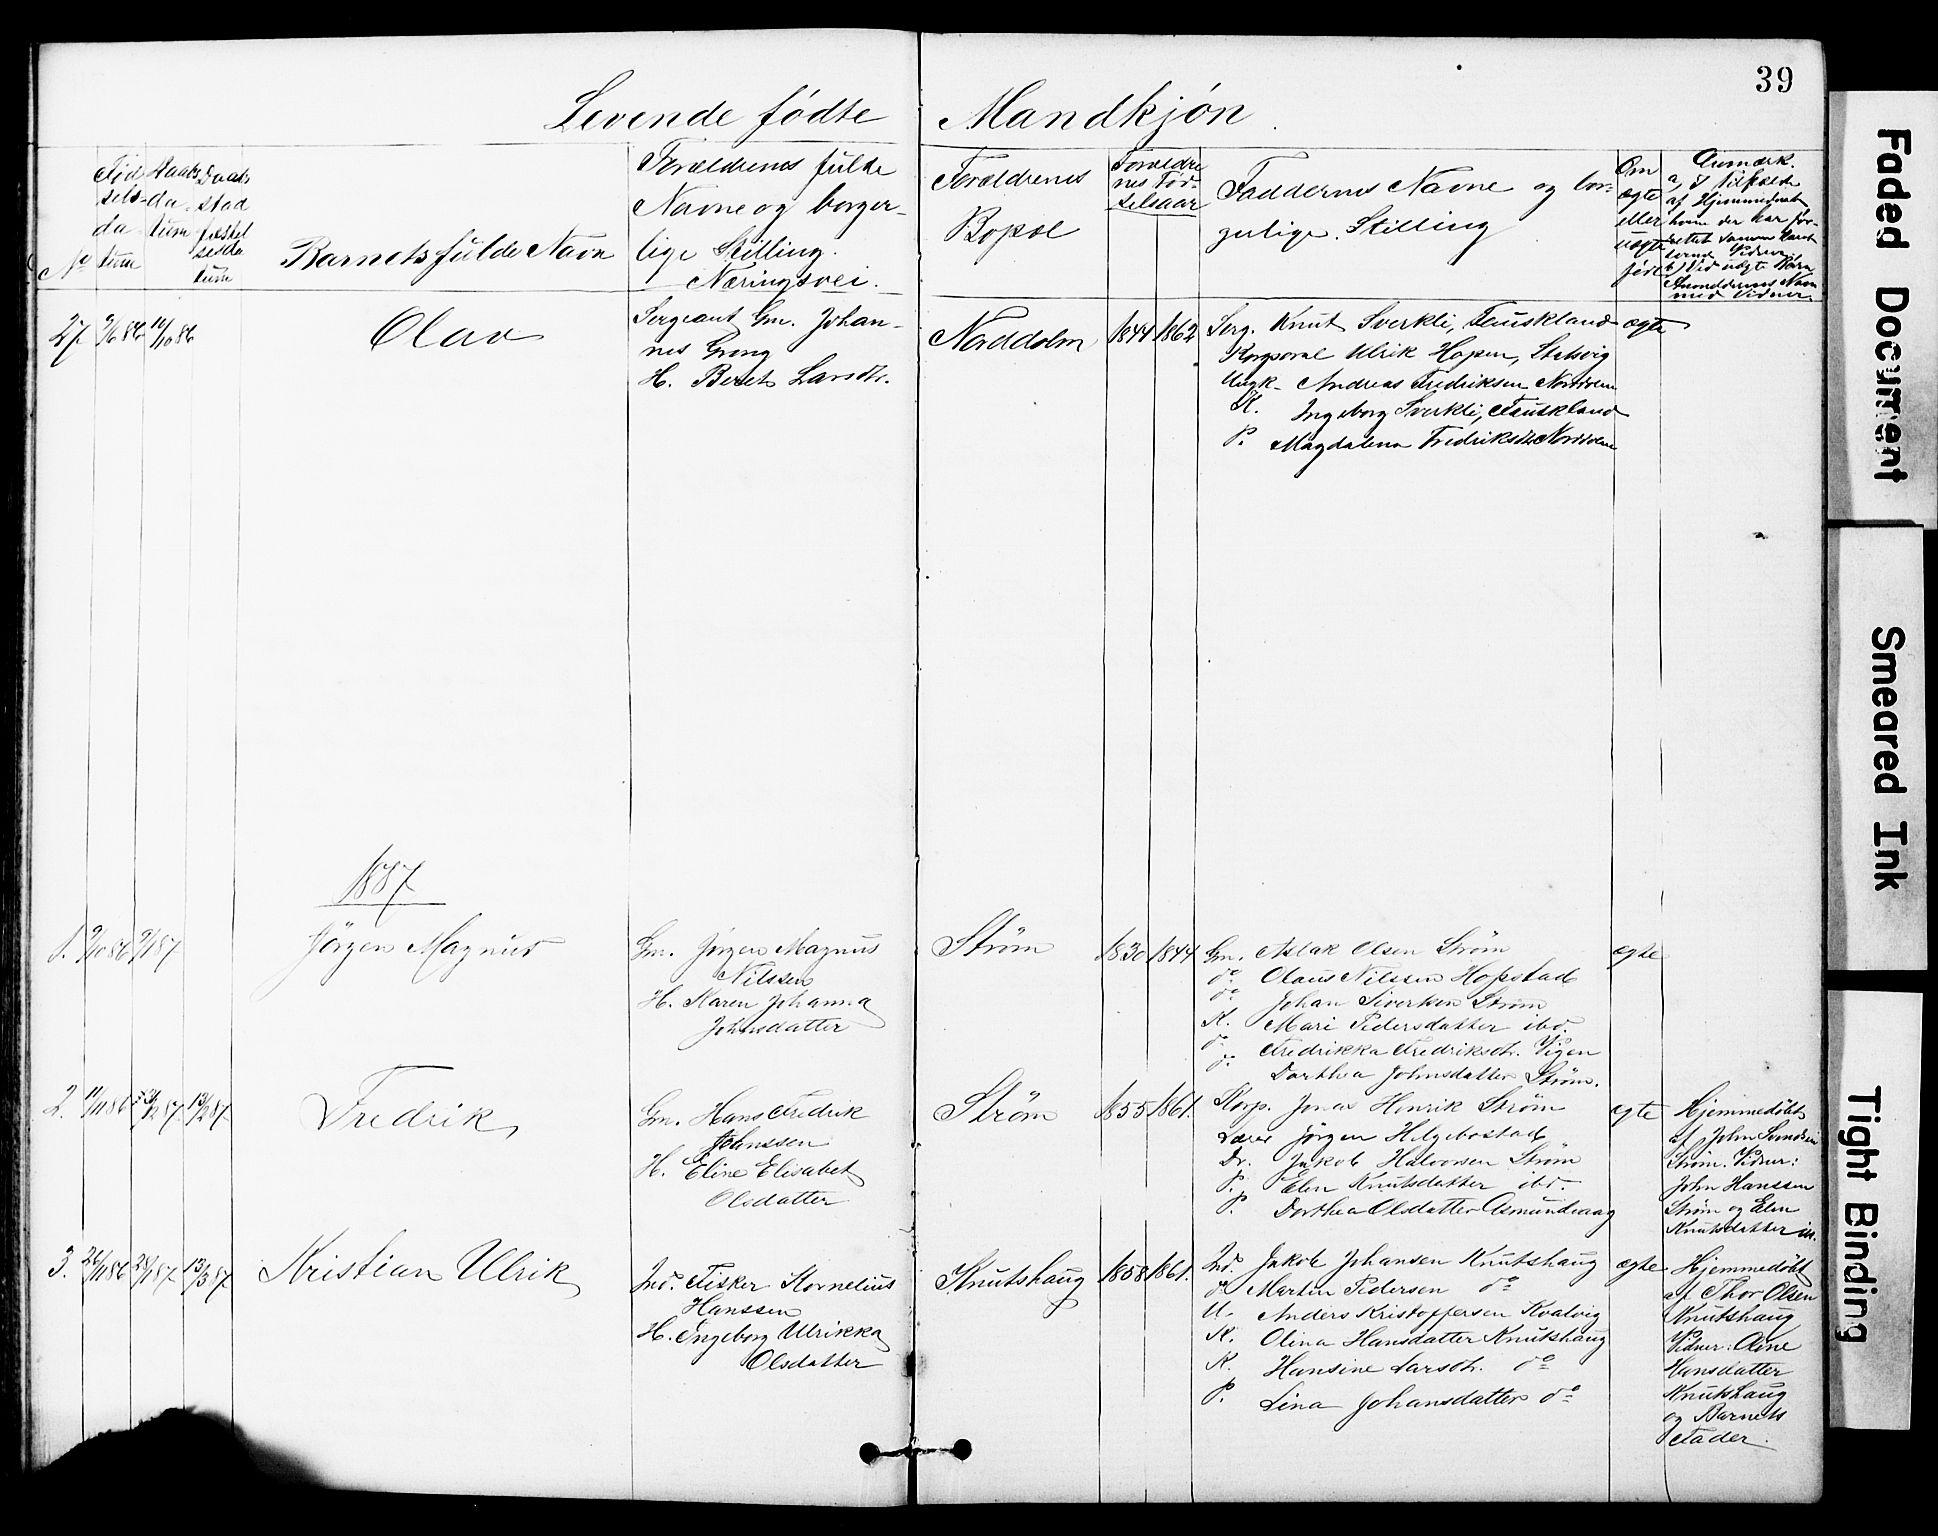 SAT, Ministerialprotokoller, klokkerbøker og fødselsregistre - Sør-Trøndelag, 634/L0541: Klokkerbok nr. 634C03, 1874-1891, s. 39